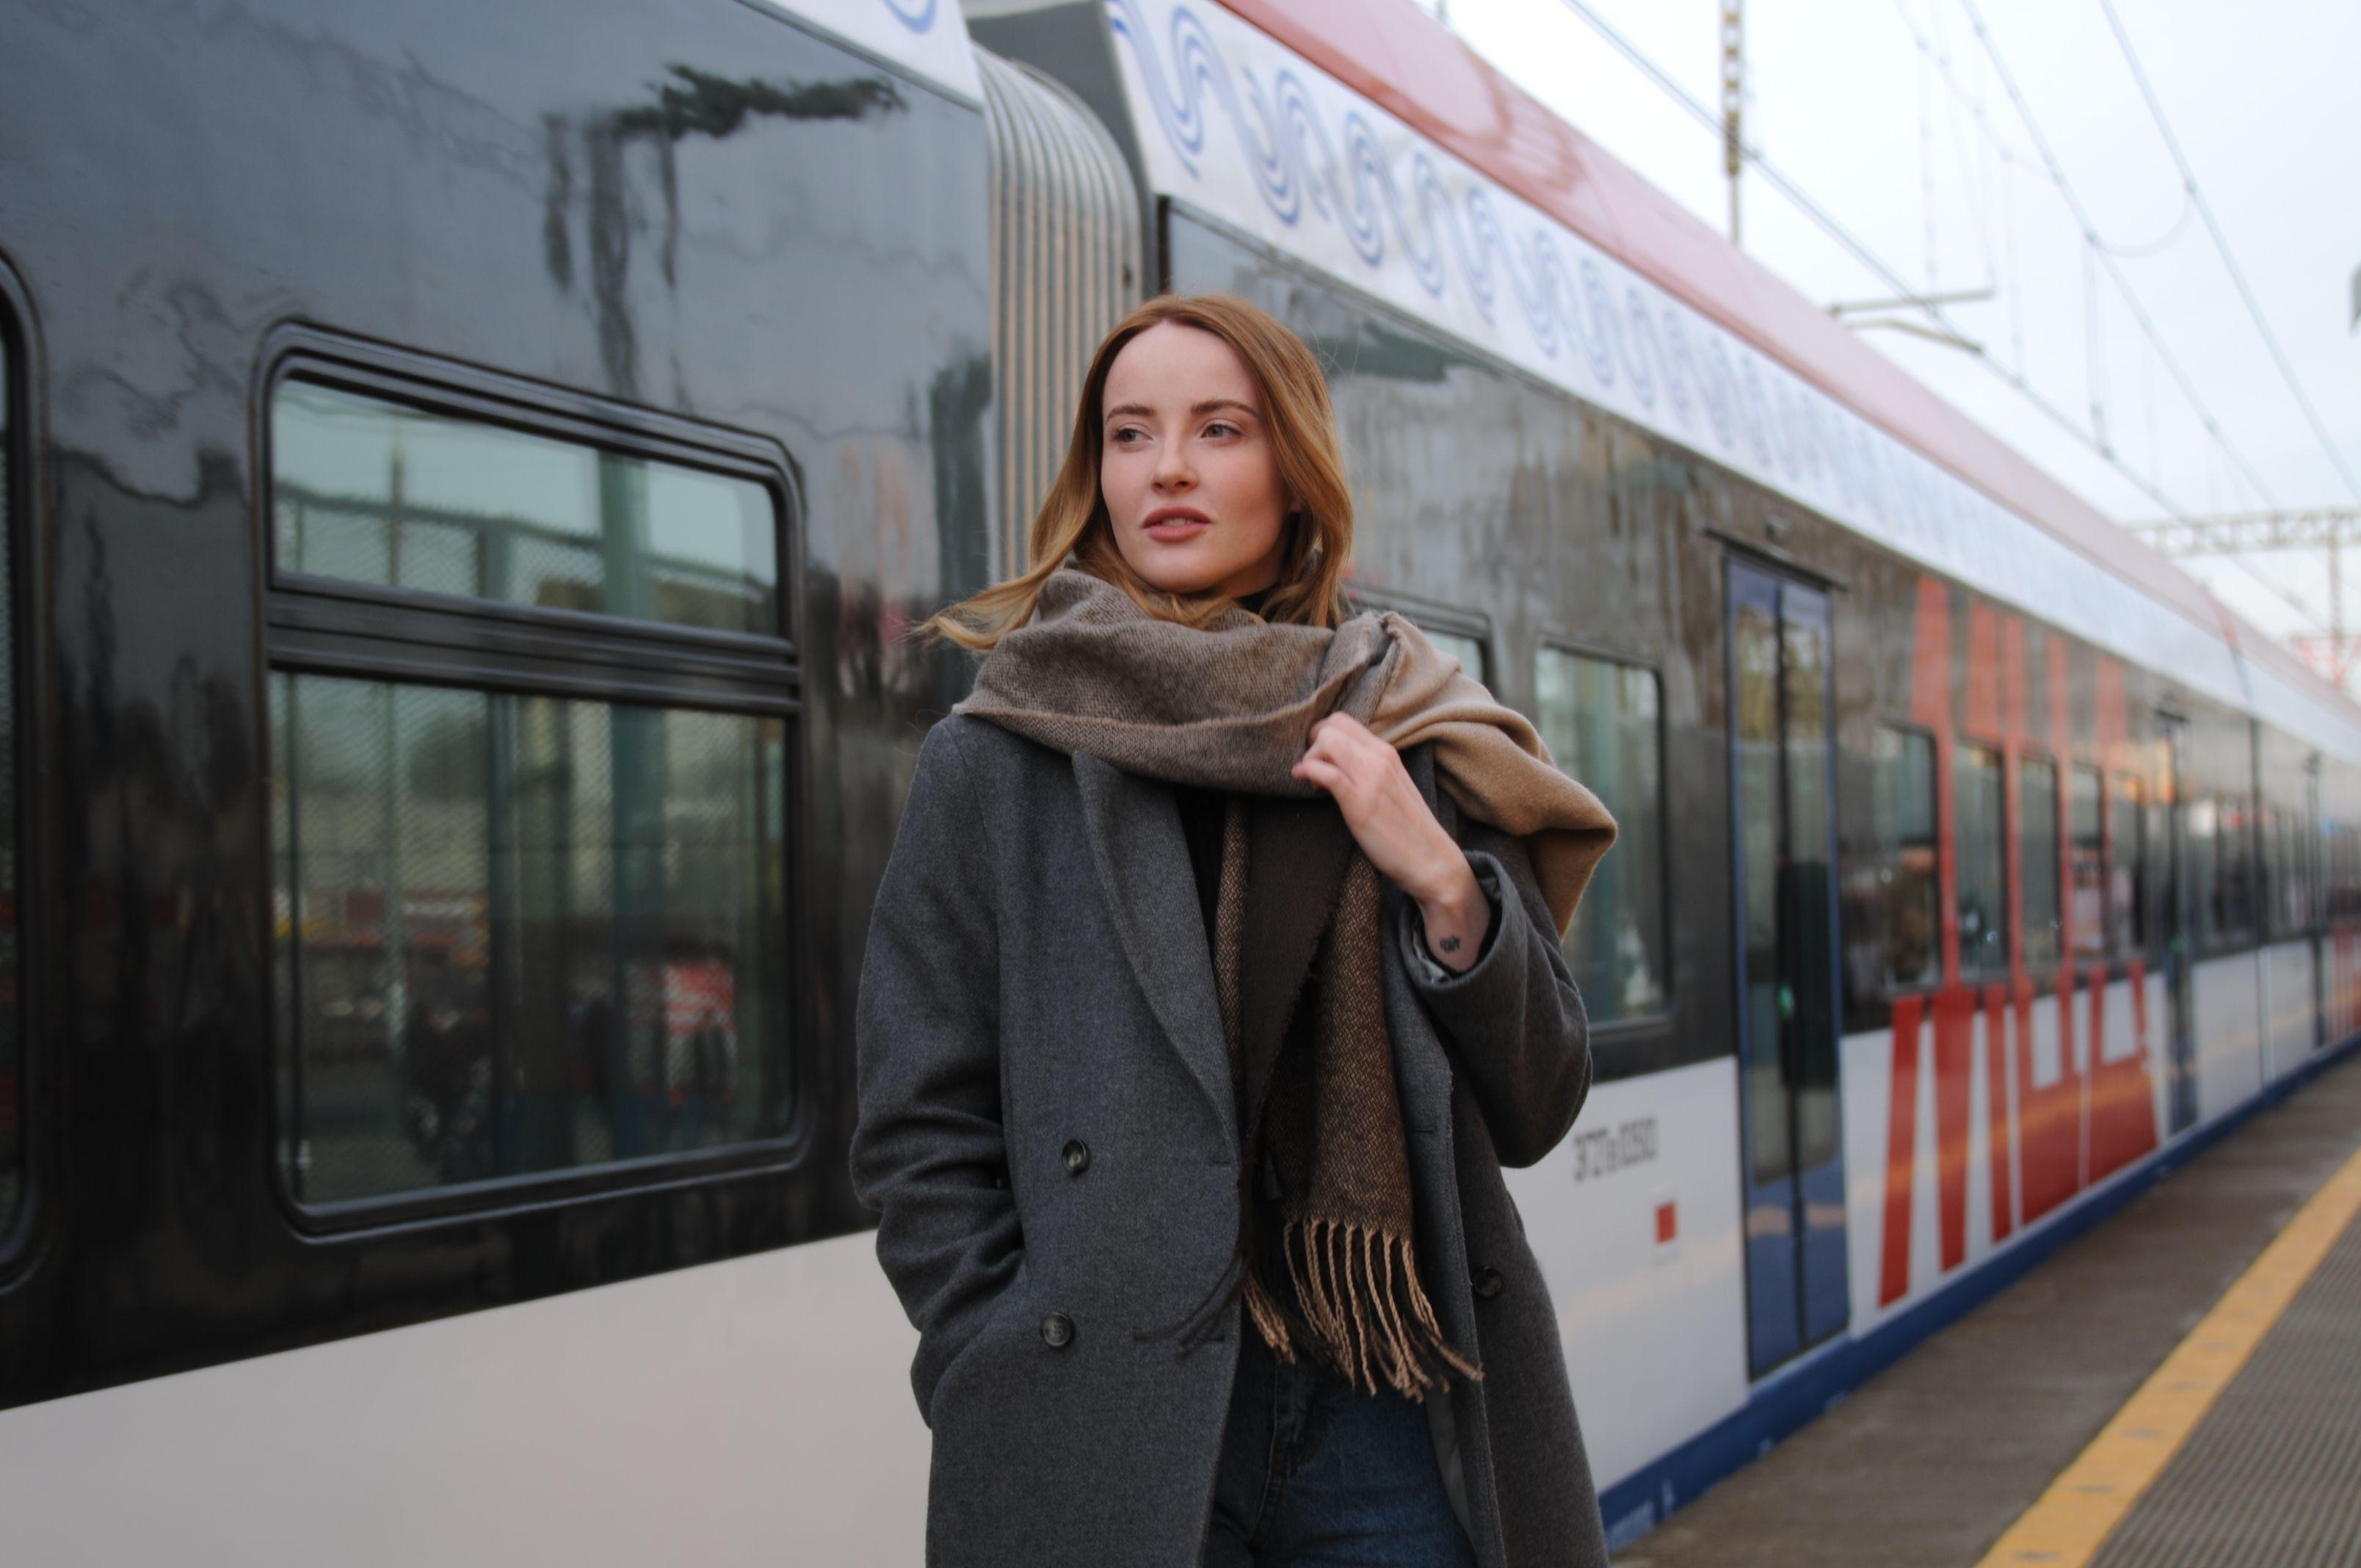 Пассажиры МЦД совершили более 63 миллионов поездок за полгода